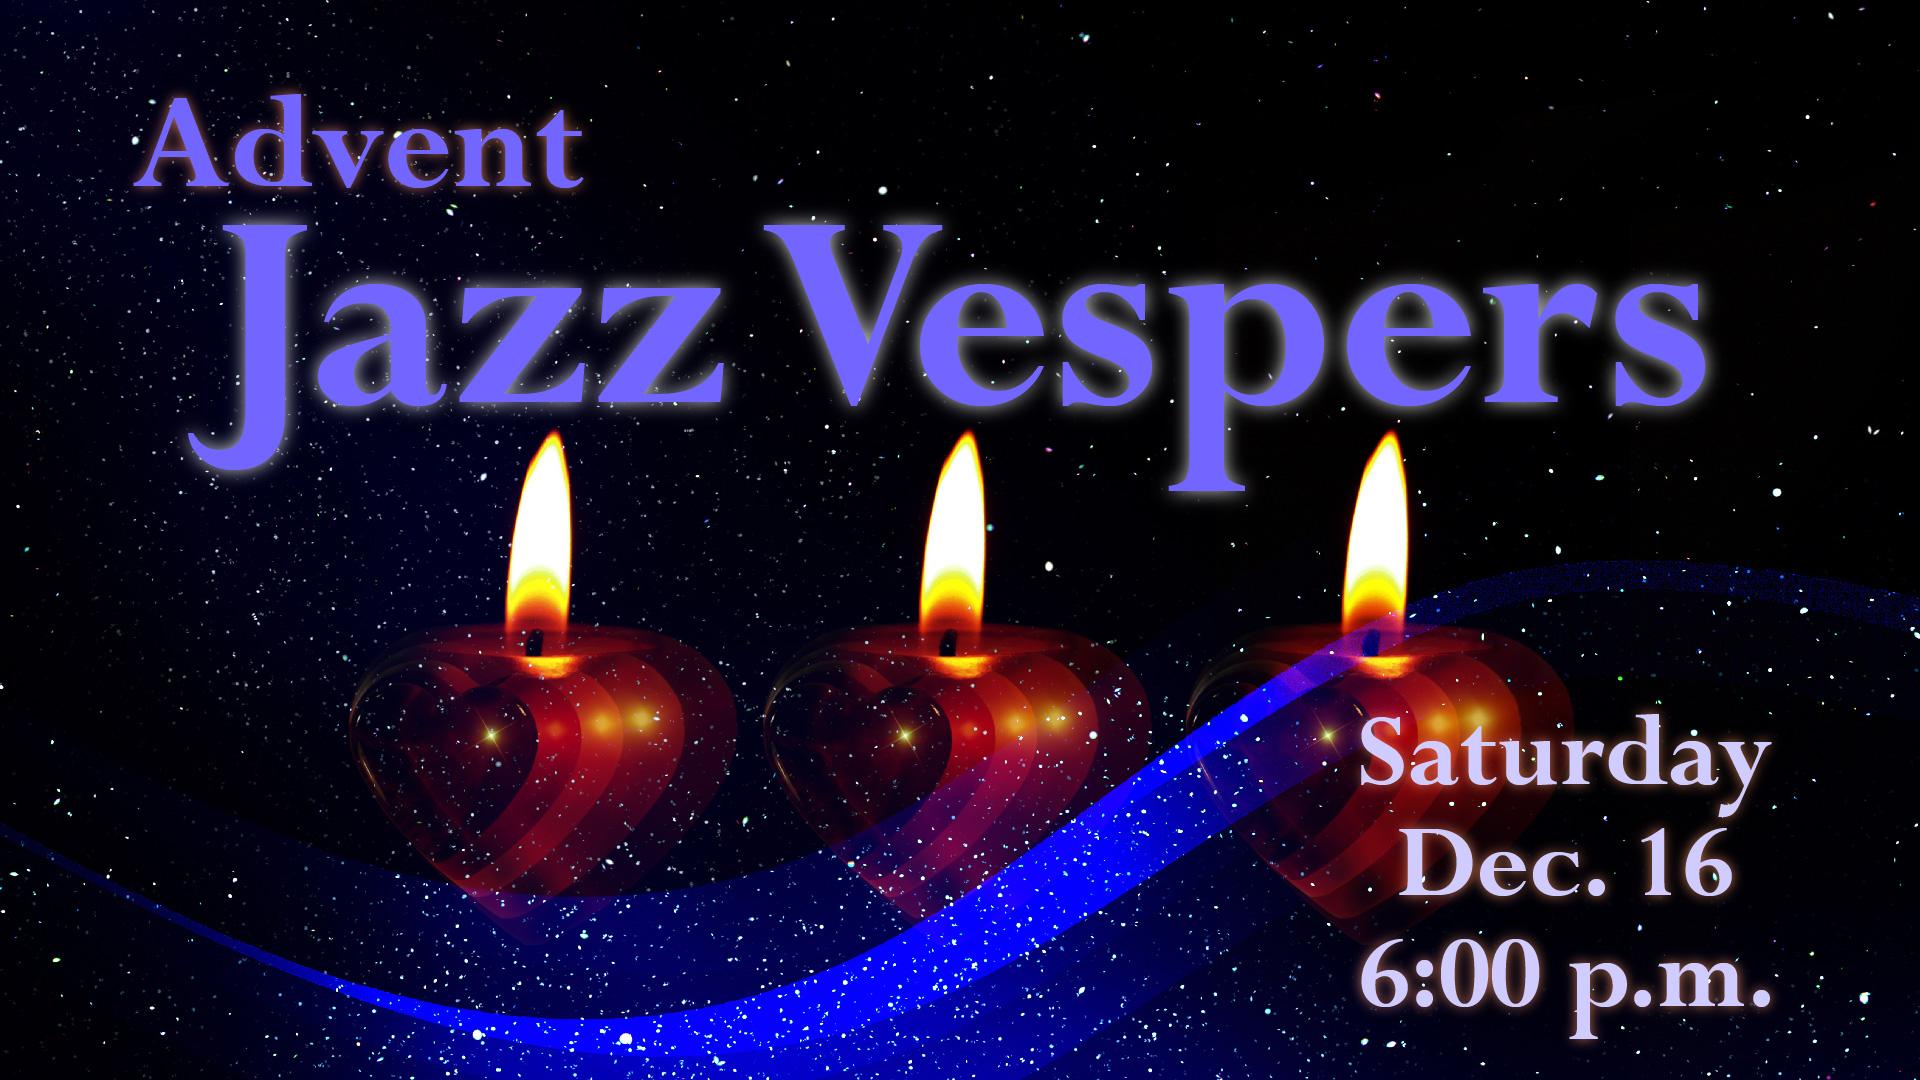 Advent Jazz Vespers 2017 graphic v1 medium.jpg